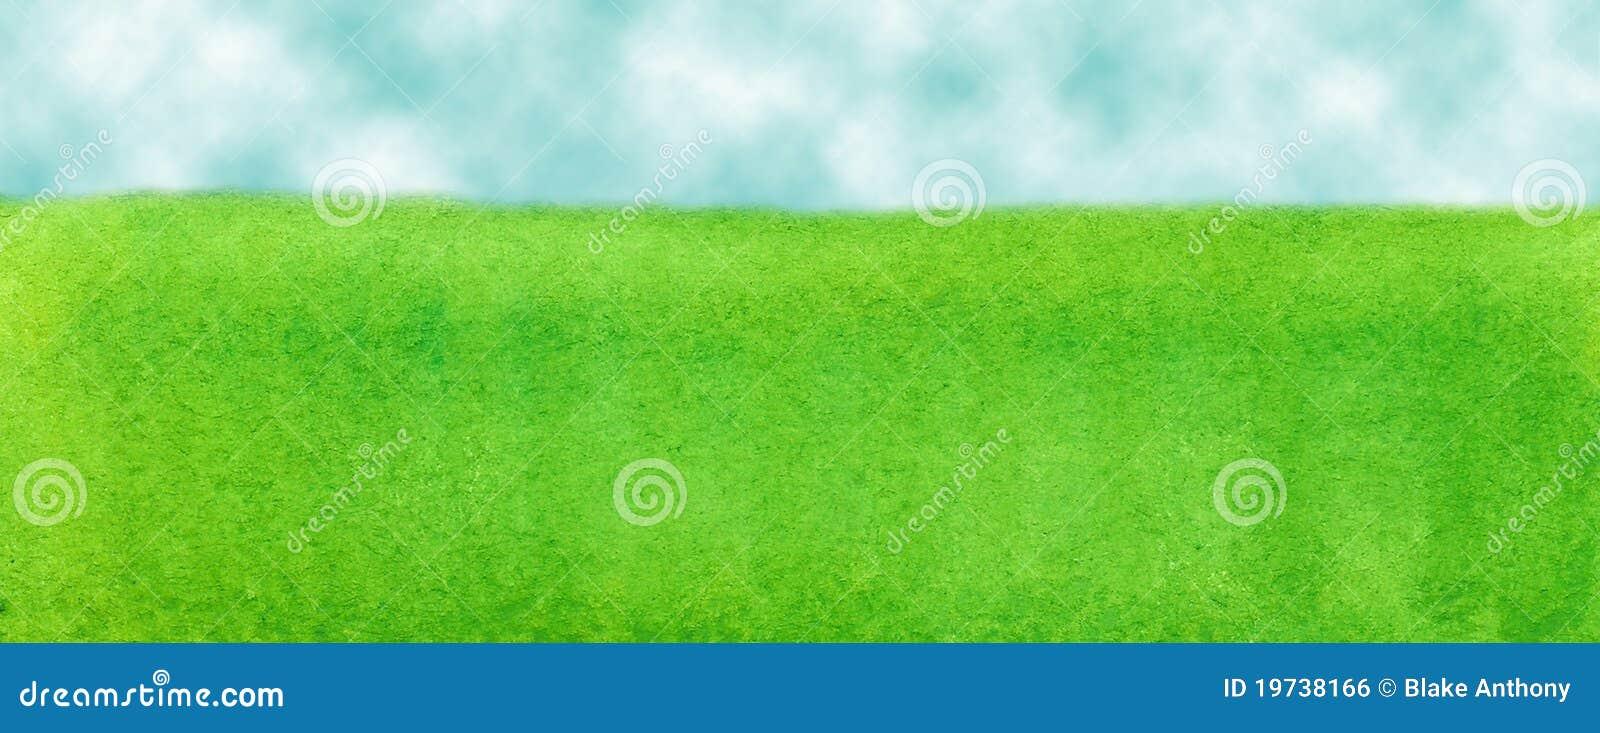 Das Gras ist grüner